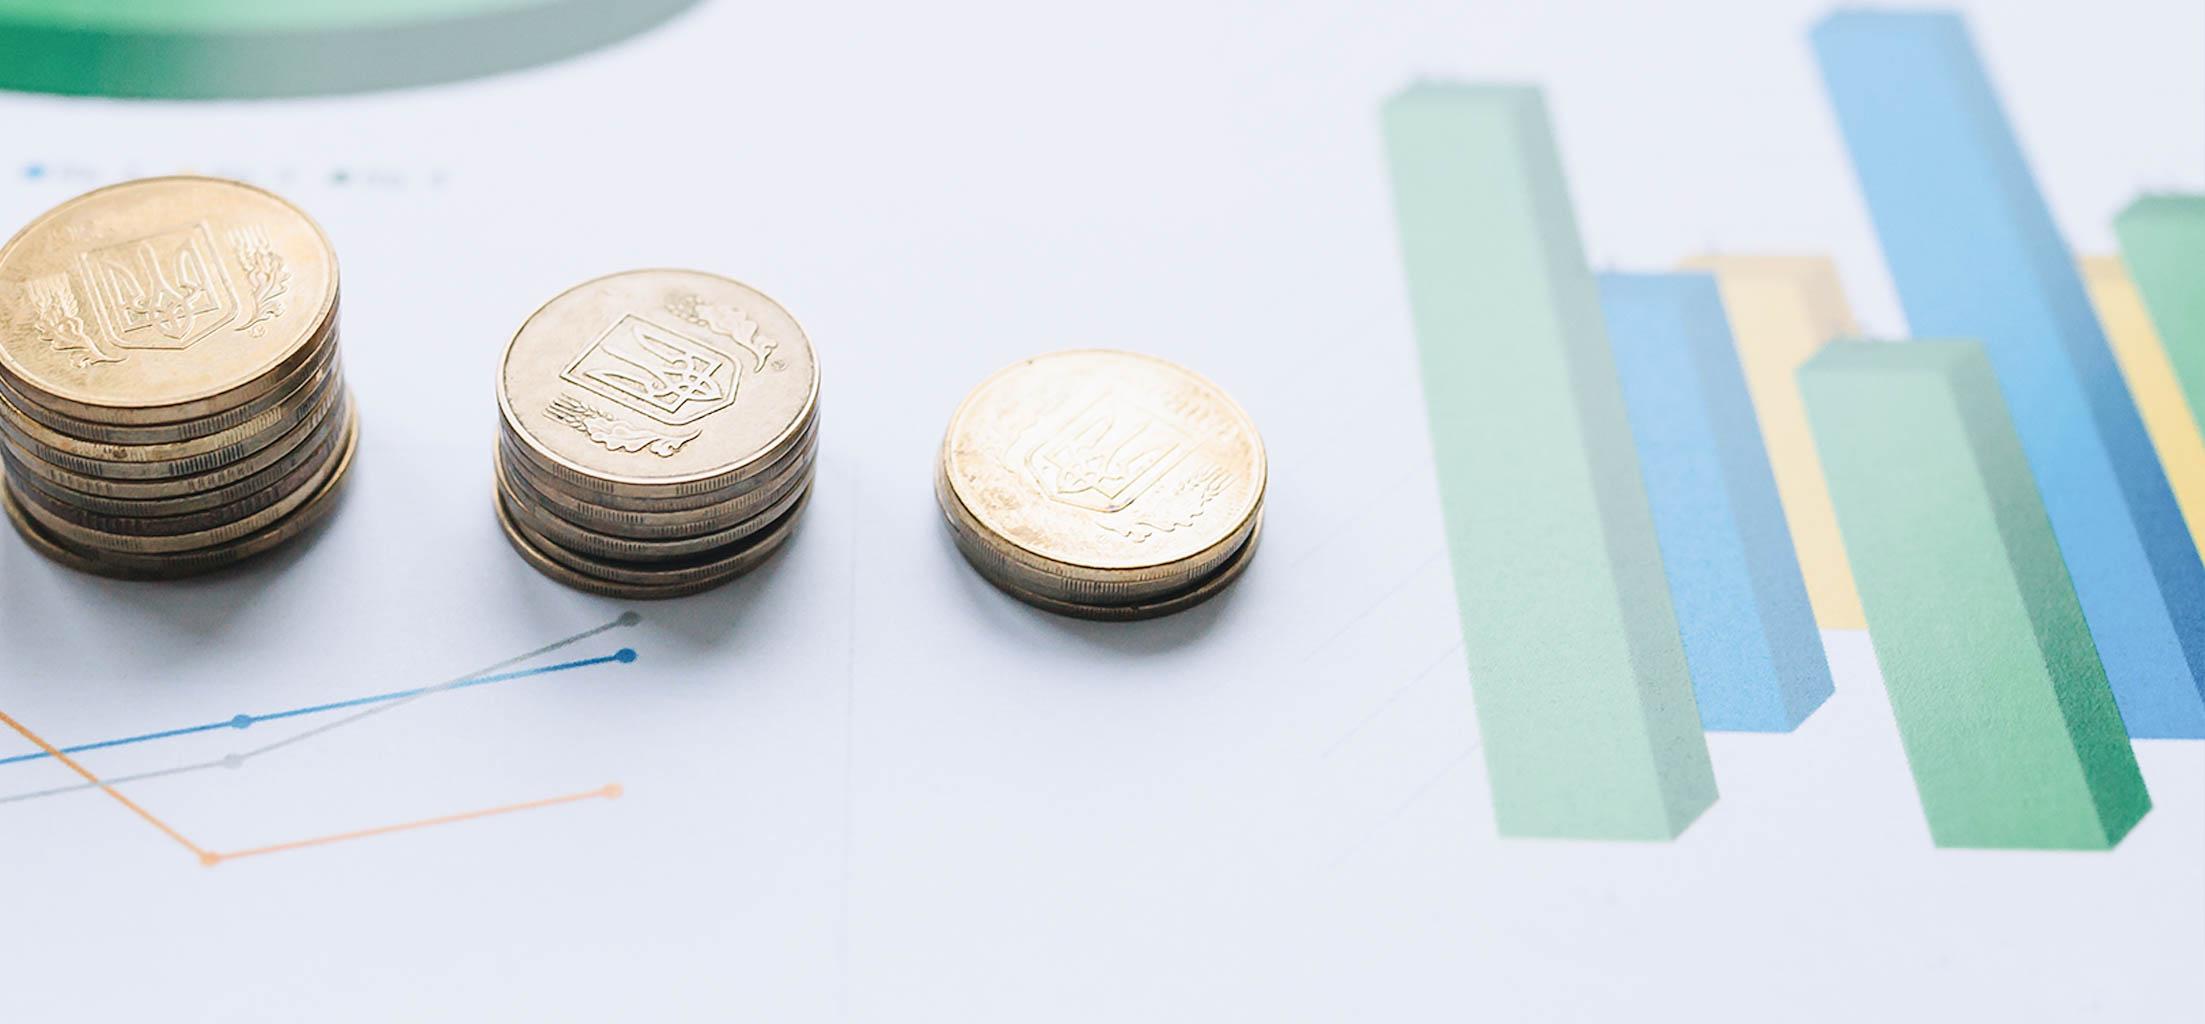 Rendimento-do-Tesouro-Direto-simulador-de-rentabilidade